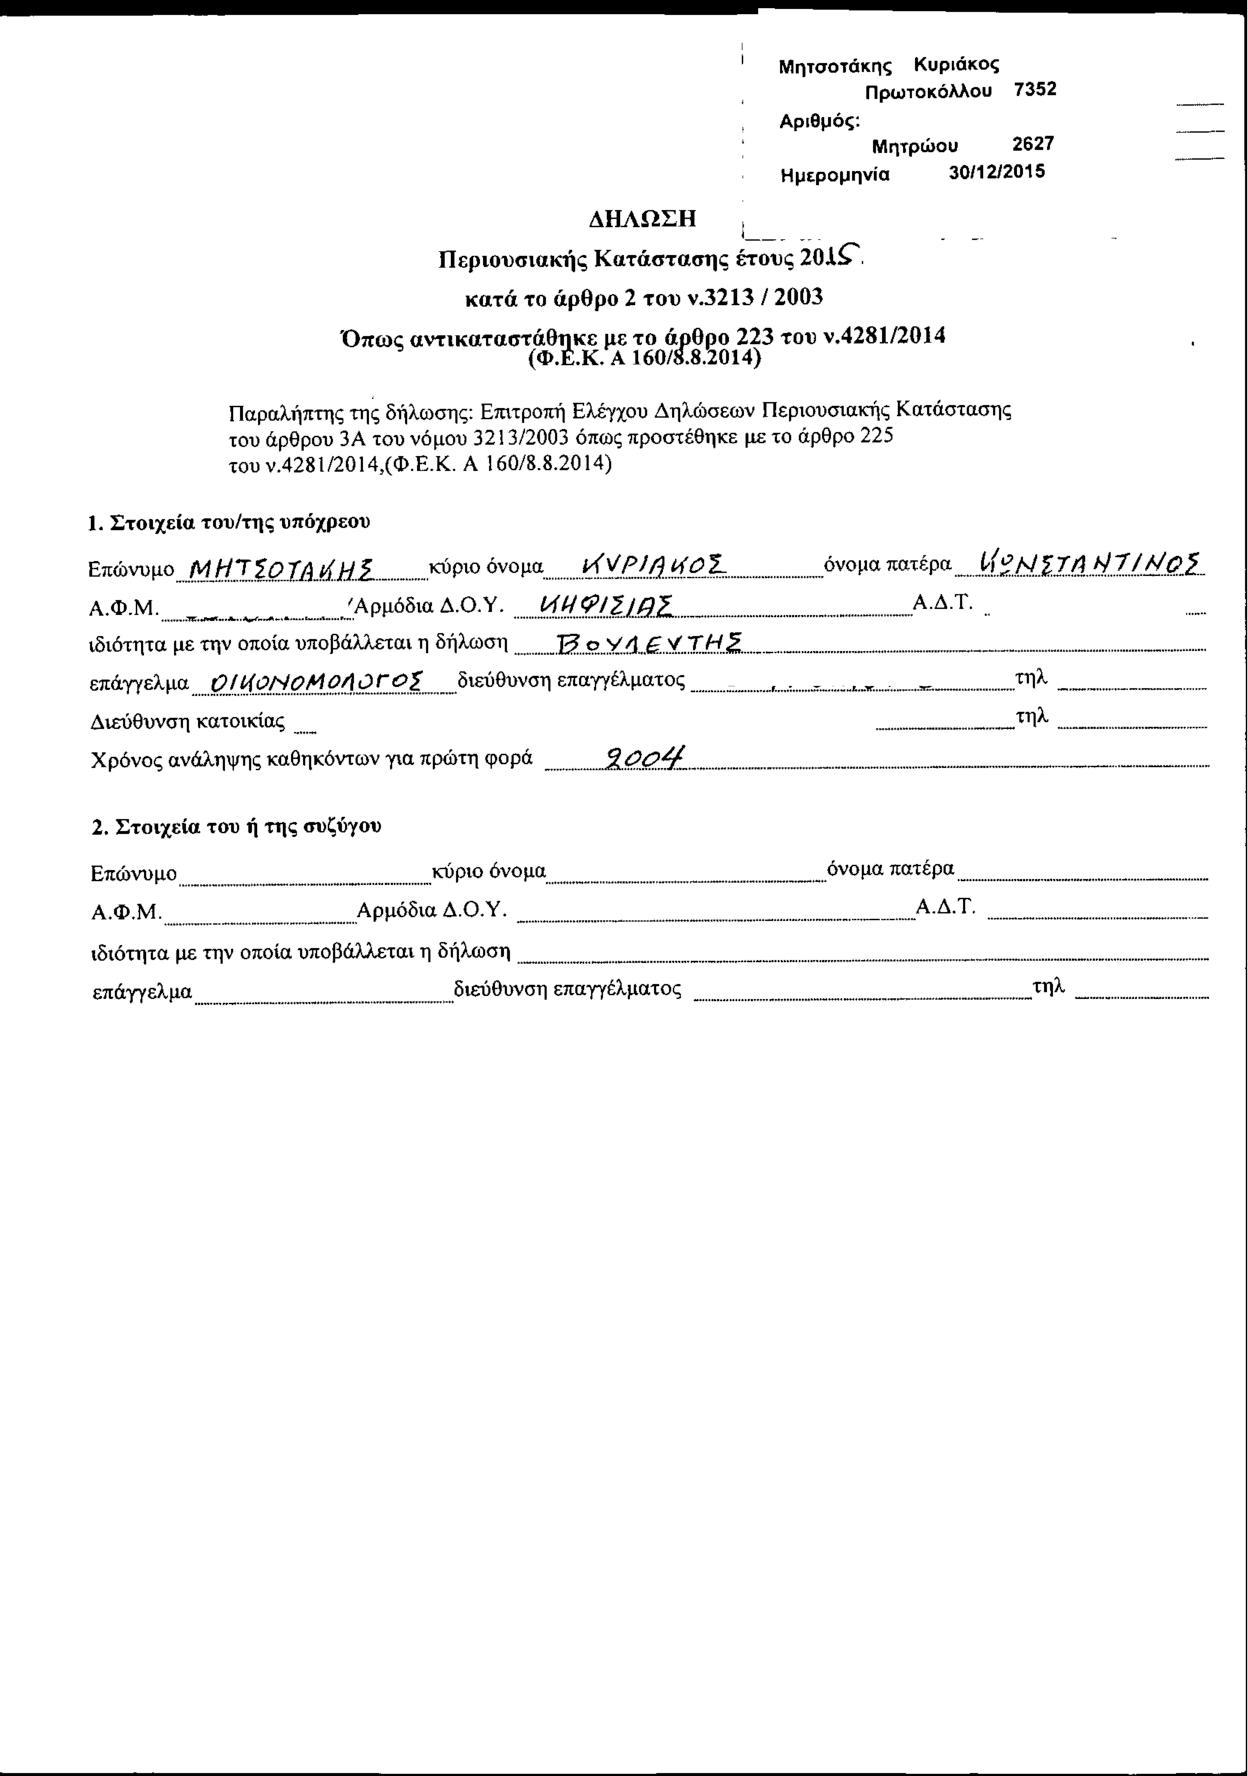 MITSOTAKIS_KYRIAKOS_7352-page-001